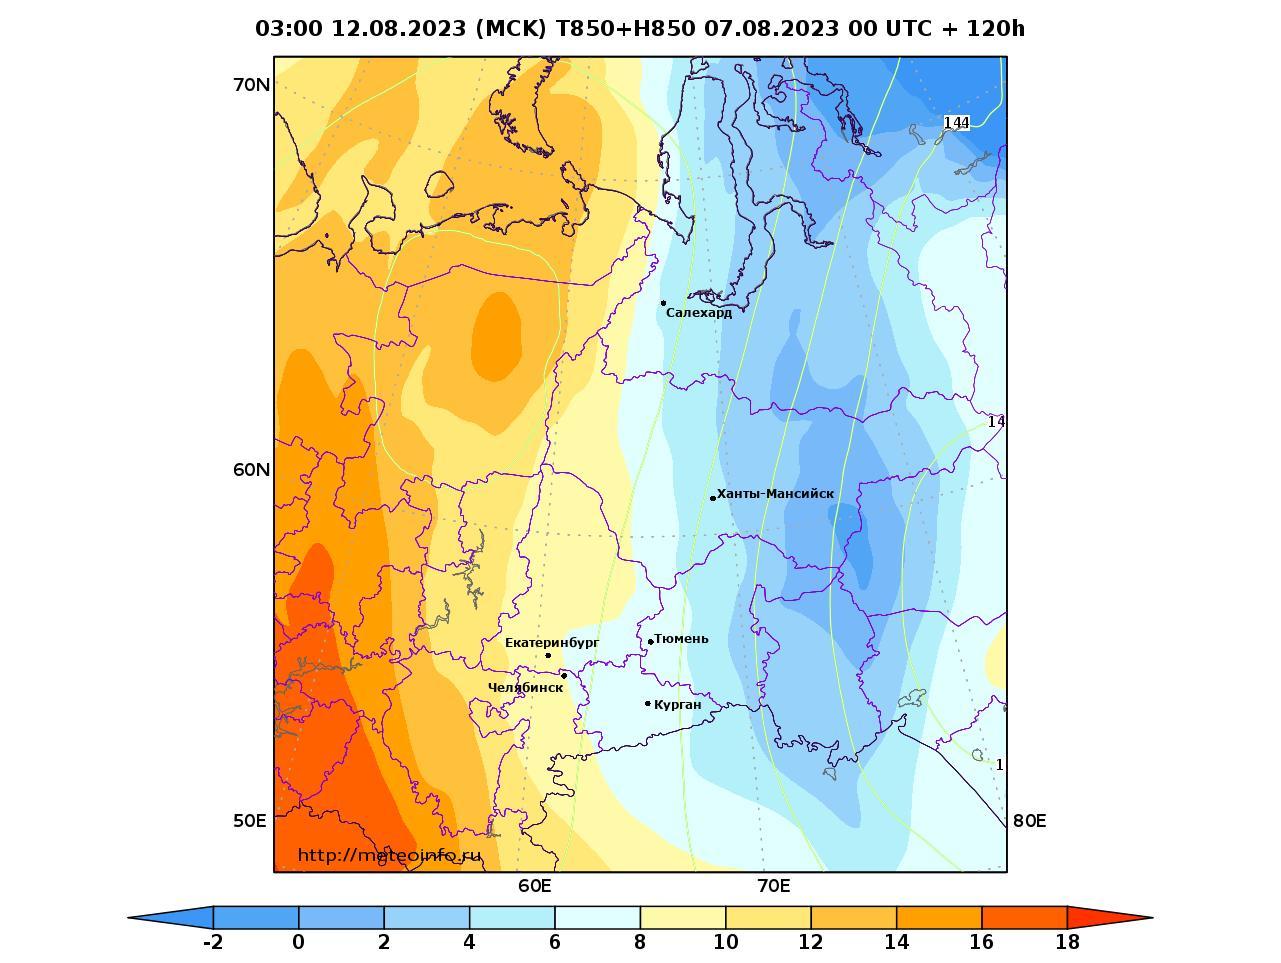 Уральский Федеральный округ, прогностическая карта температура T850 и геопотенциал H850, заблаговременность прогноза 120 часов